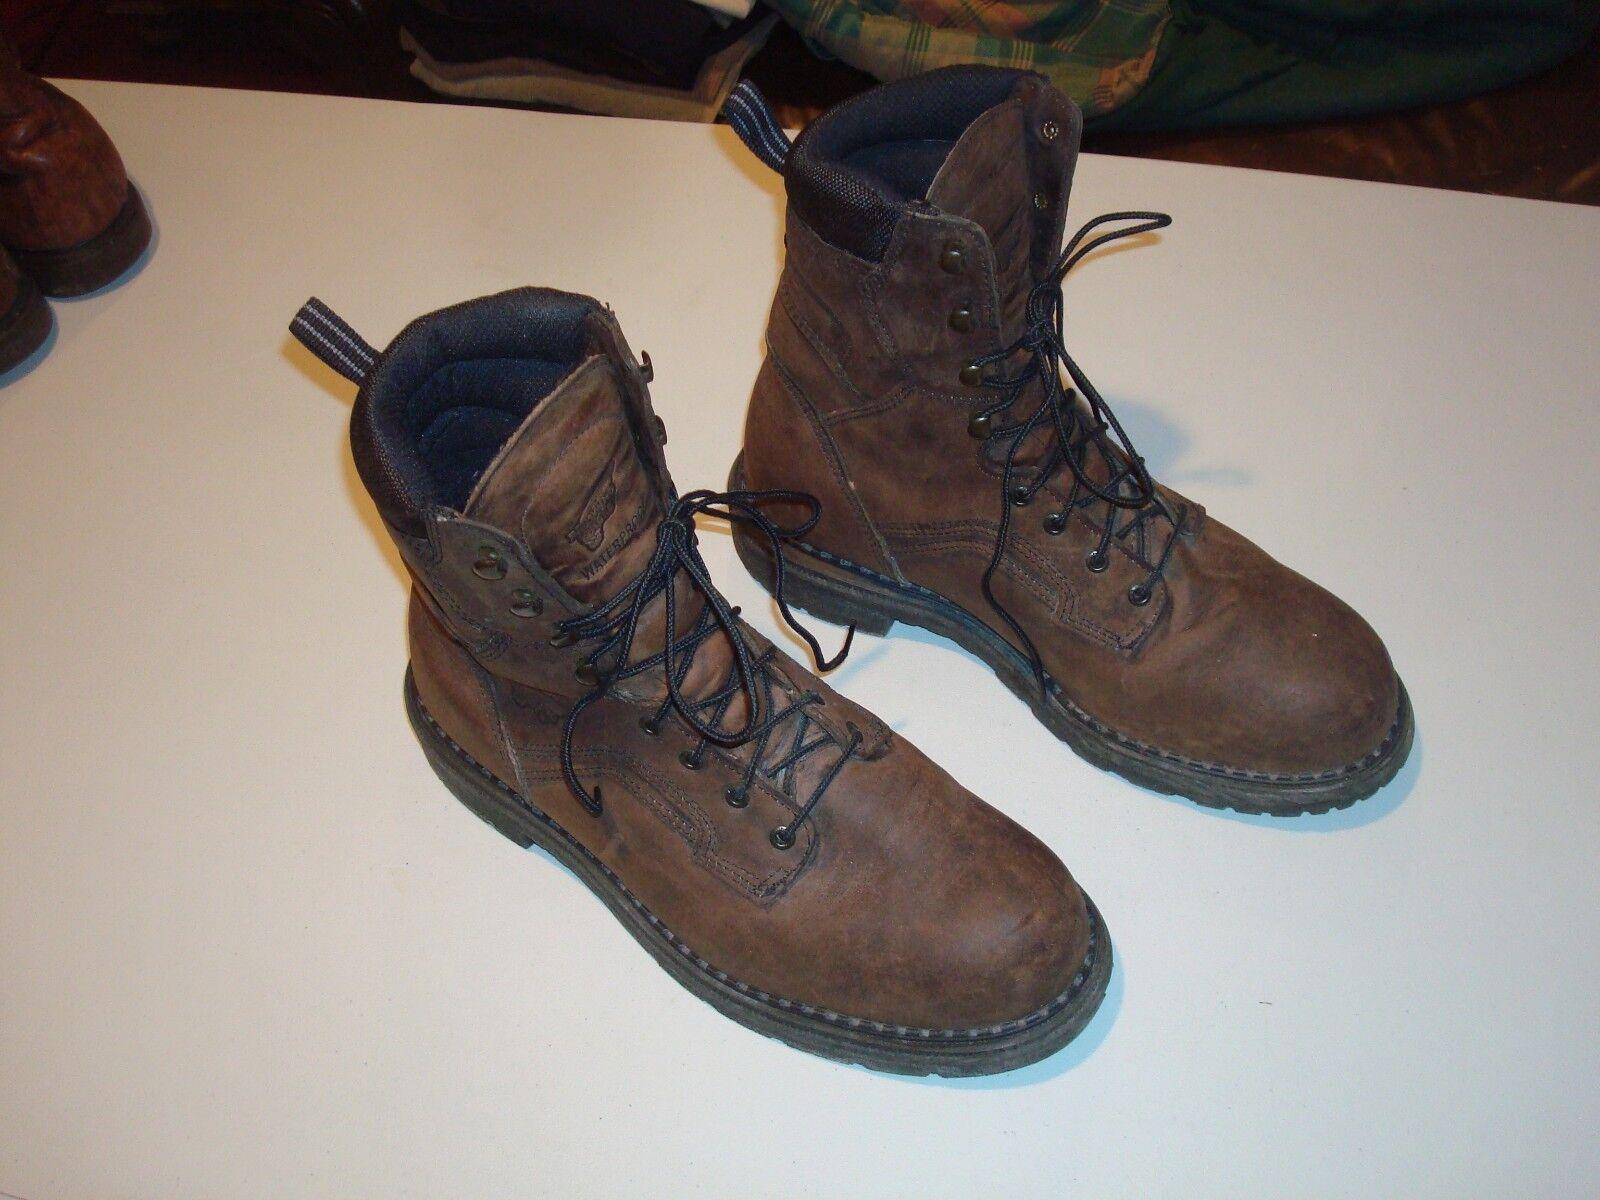 rot Wing Stiefel -  4414 - 12E - Steel Toe